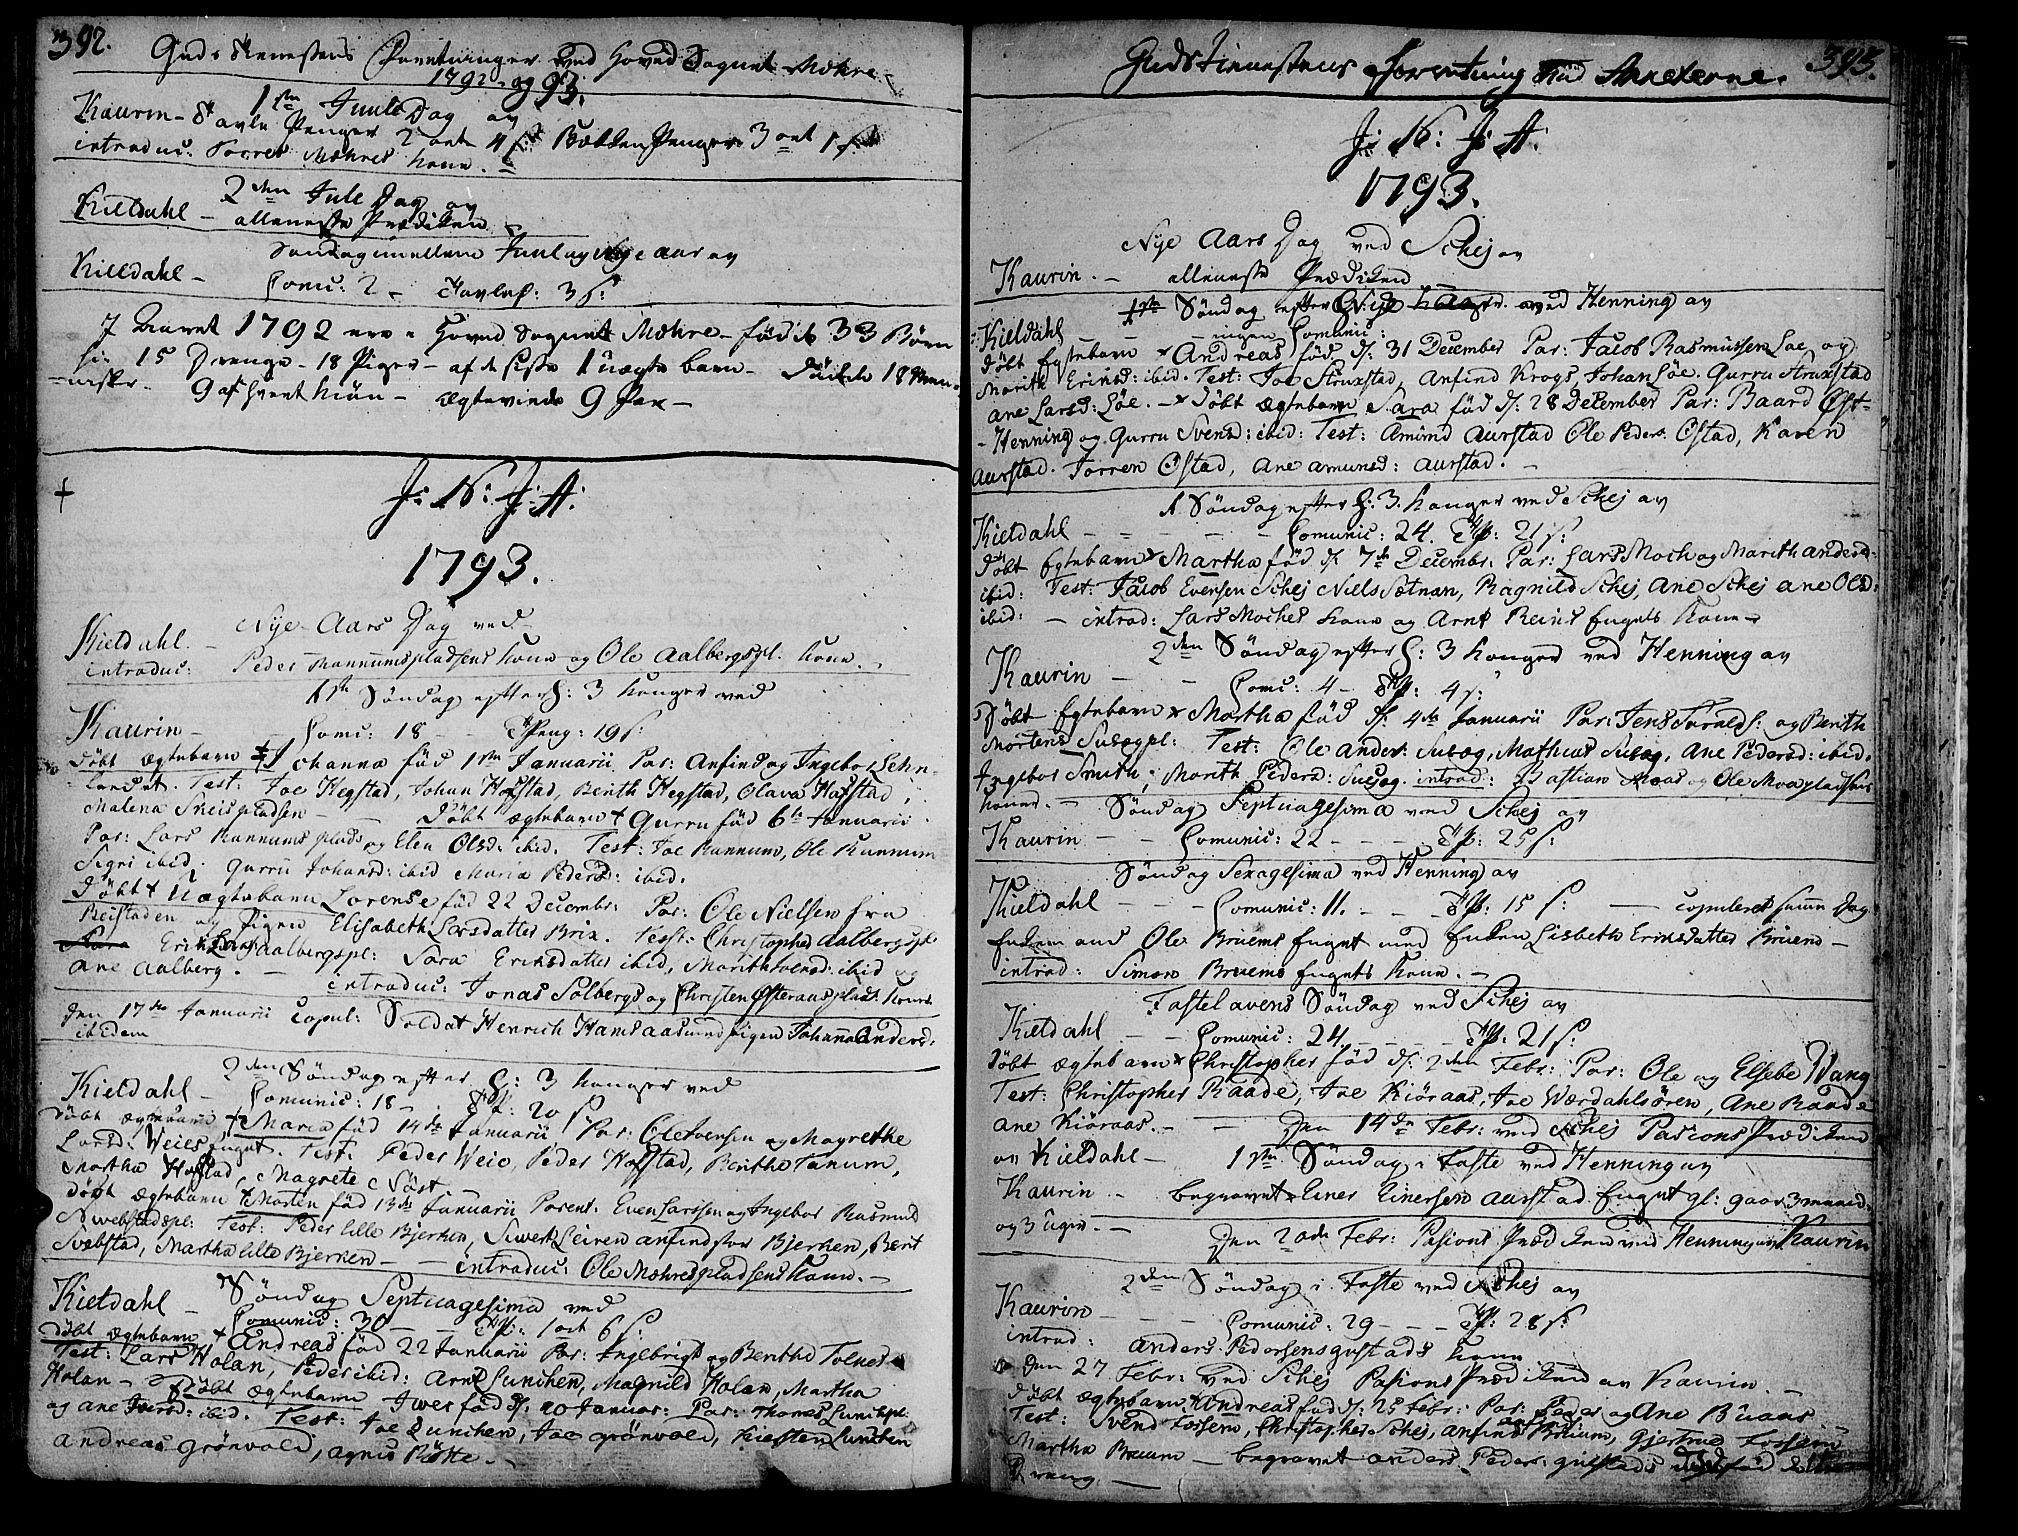 SAT, Ministerialprotokoller, klokkerbøker og fødselsregistre - Nord-Trøndelag, 735/L0331: Ministerialbok nr. 735A02, 1762-1794, s. 392-393